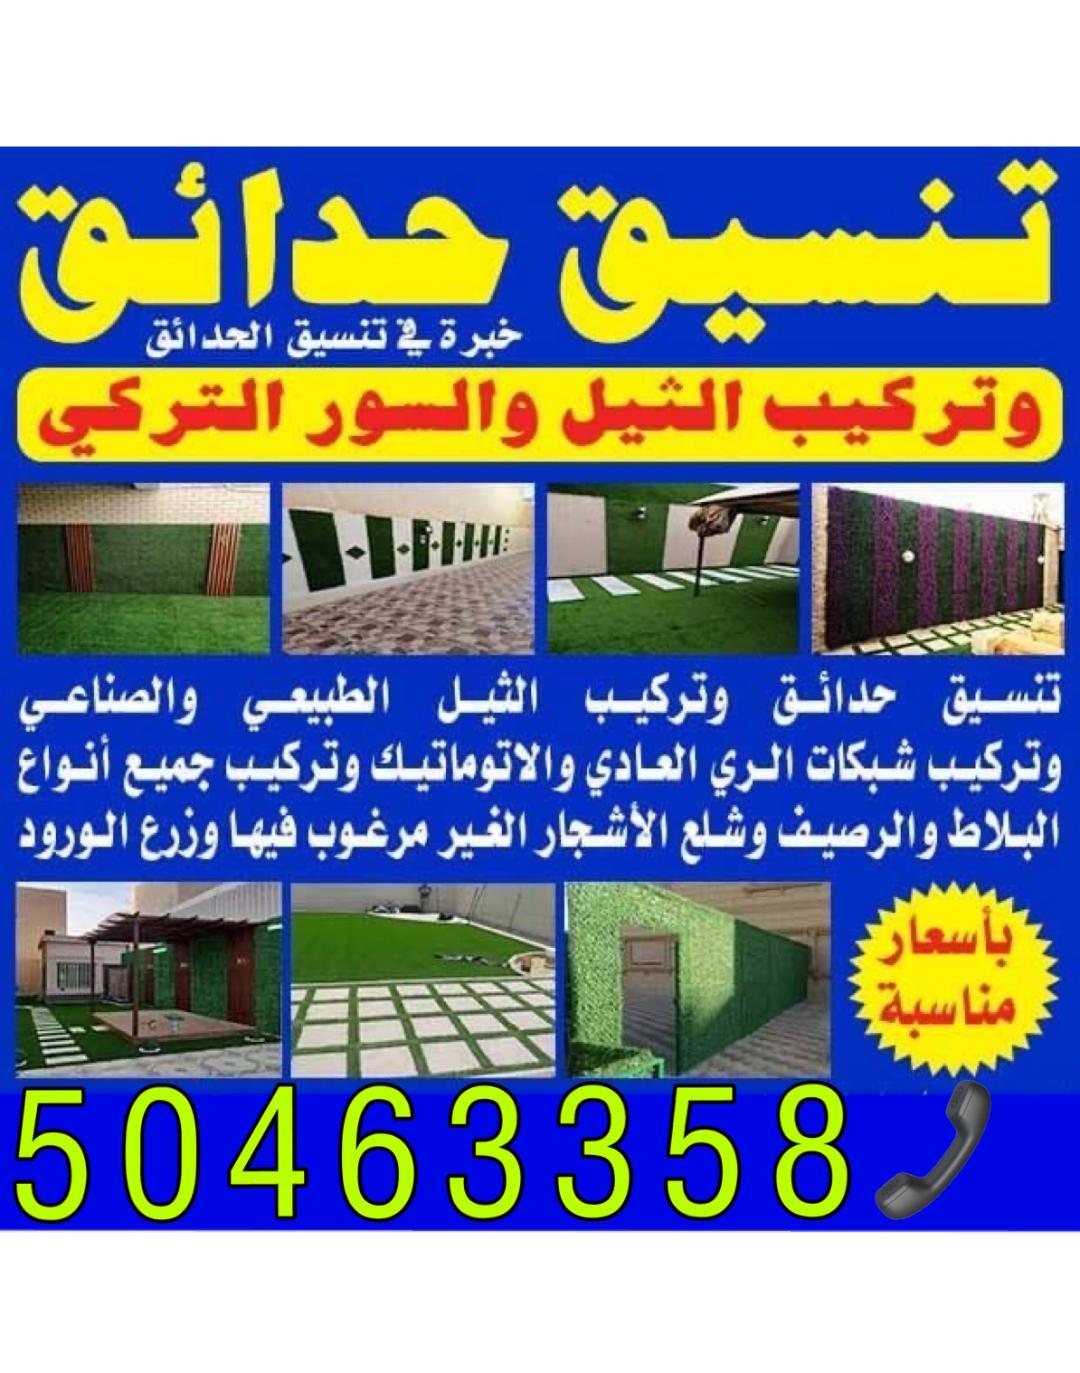 تنسيق حدائق - الاتصال 50463358